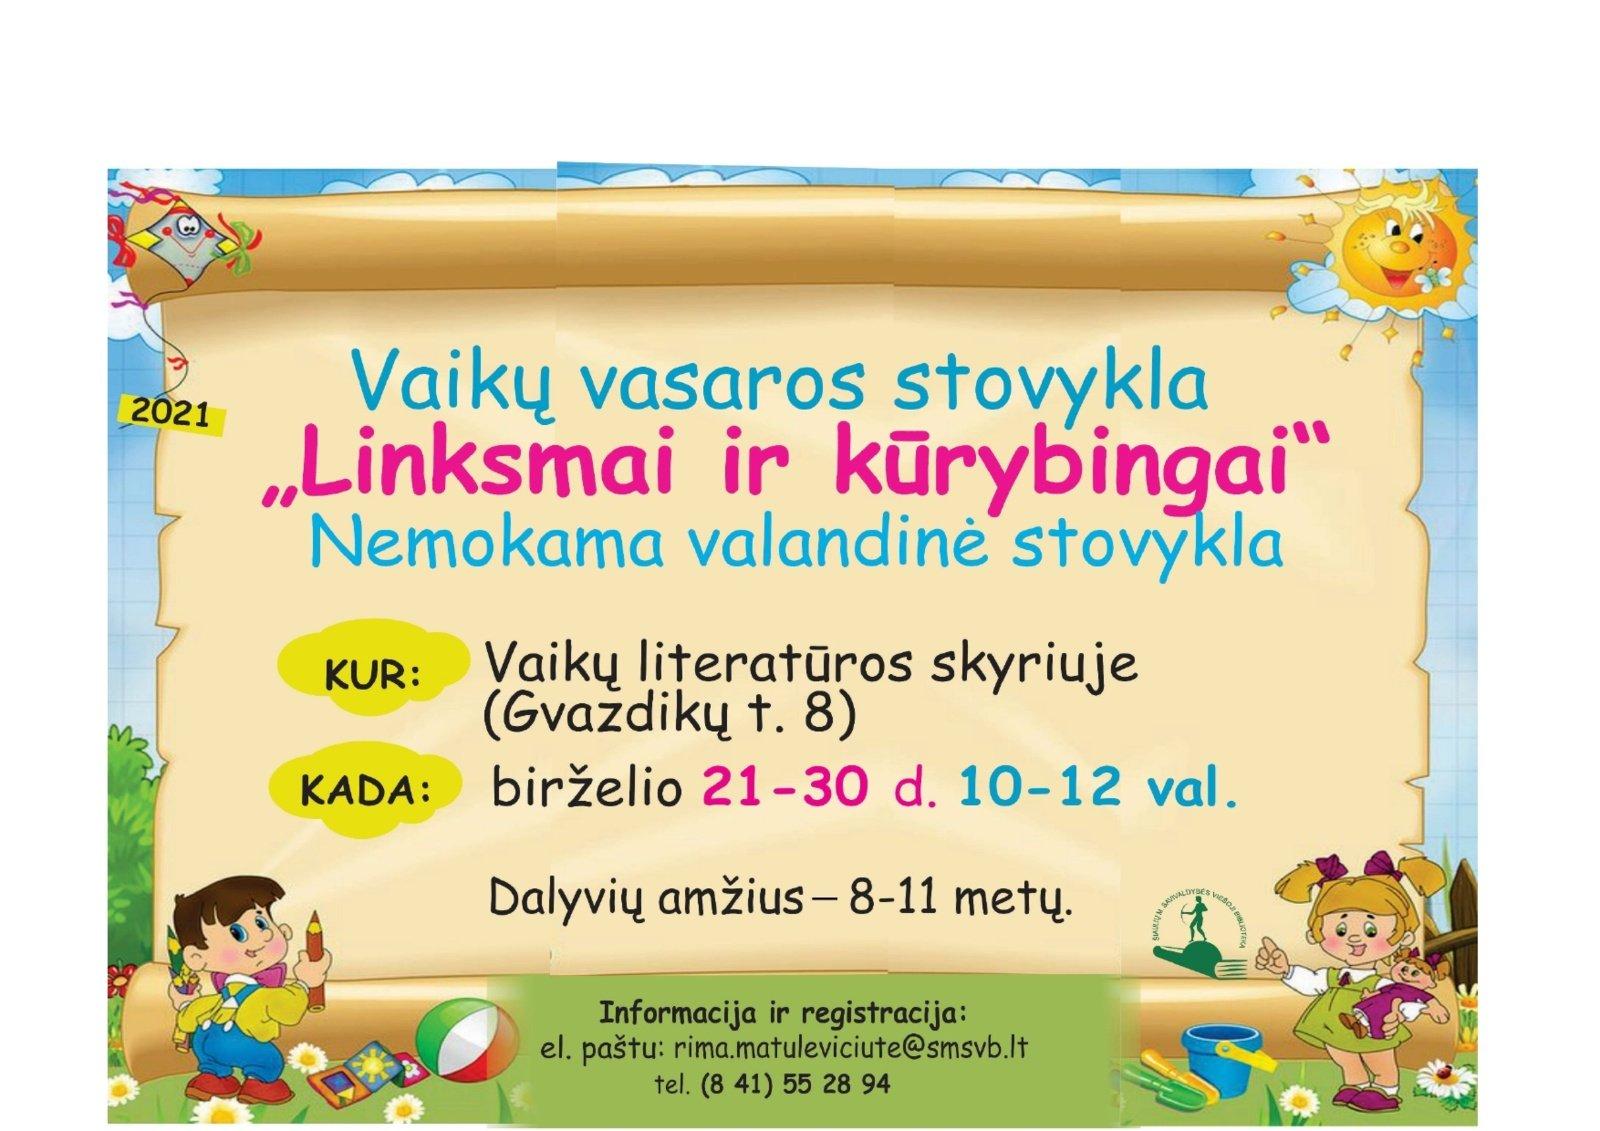 Vaikų literatūros skyrius kviečia vaikus į vasaros stovyklą